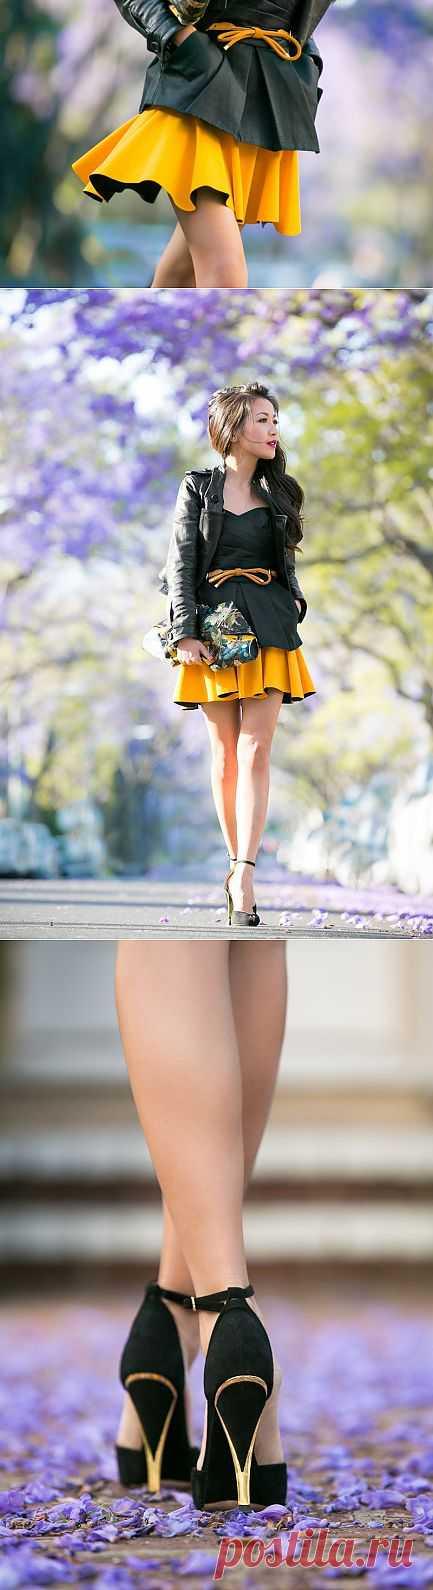 Поясок и юбка / Детали / Модный сайт о стильной переделке одежды и интерьера